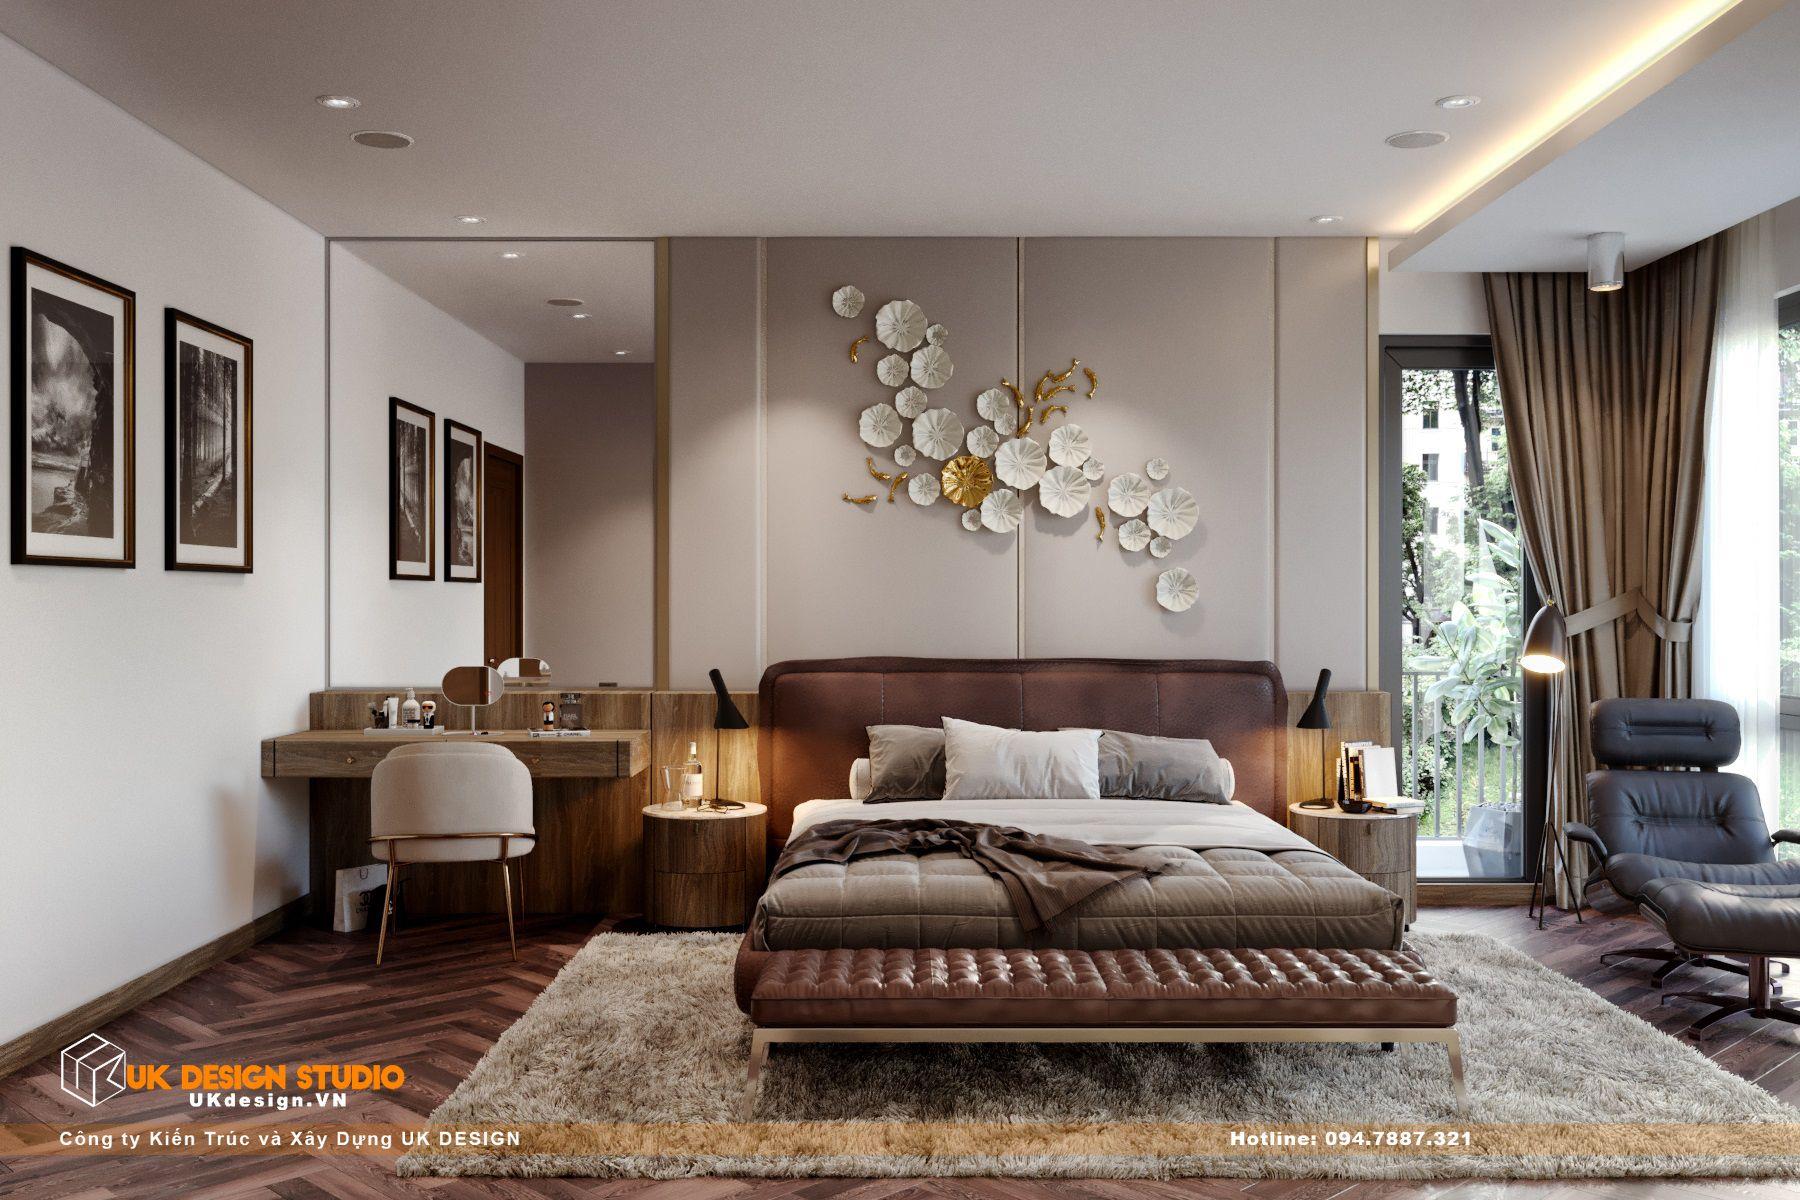 Thiết kế nội thất biệt thự nhà đẹp 3 tầng ở Quận 8 - Phòng ngủ master 1